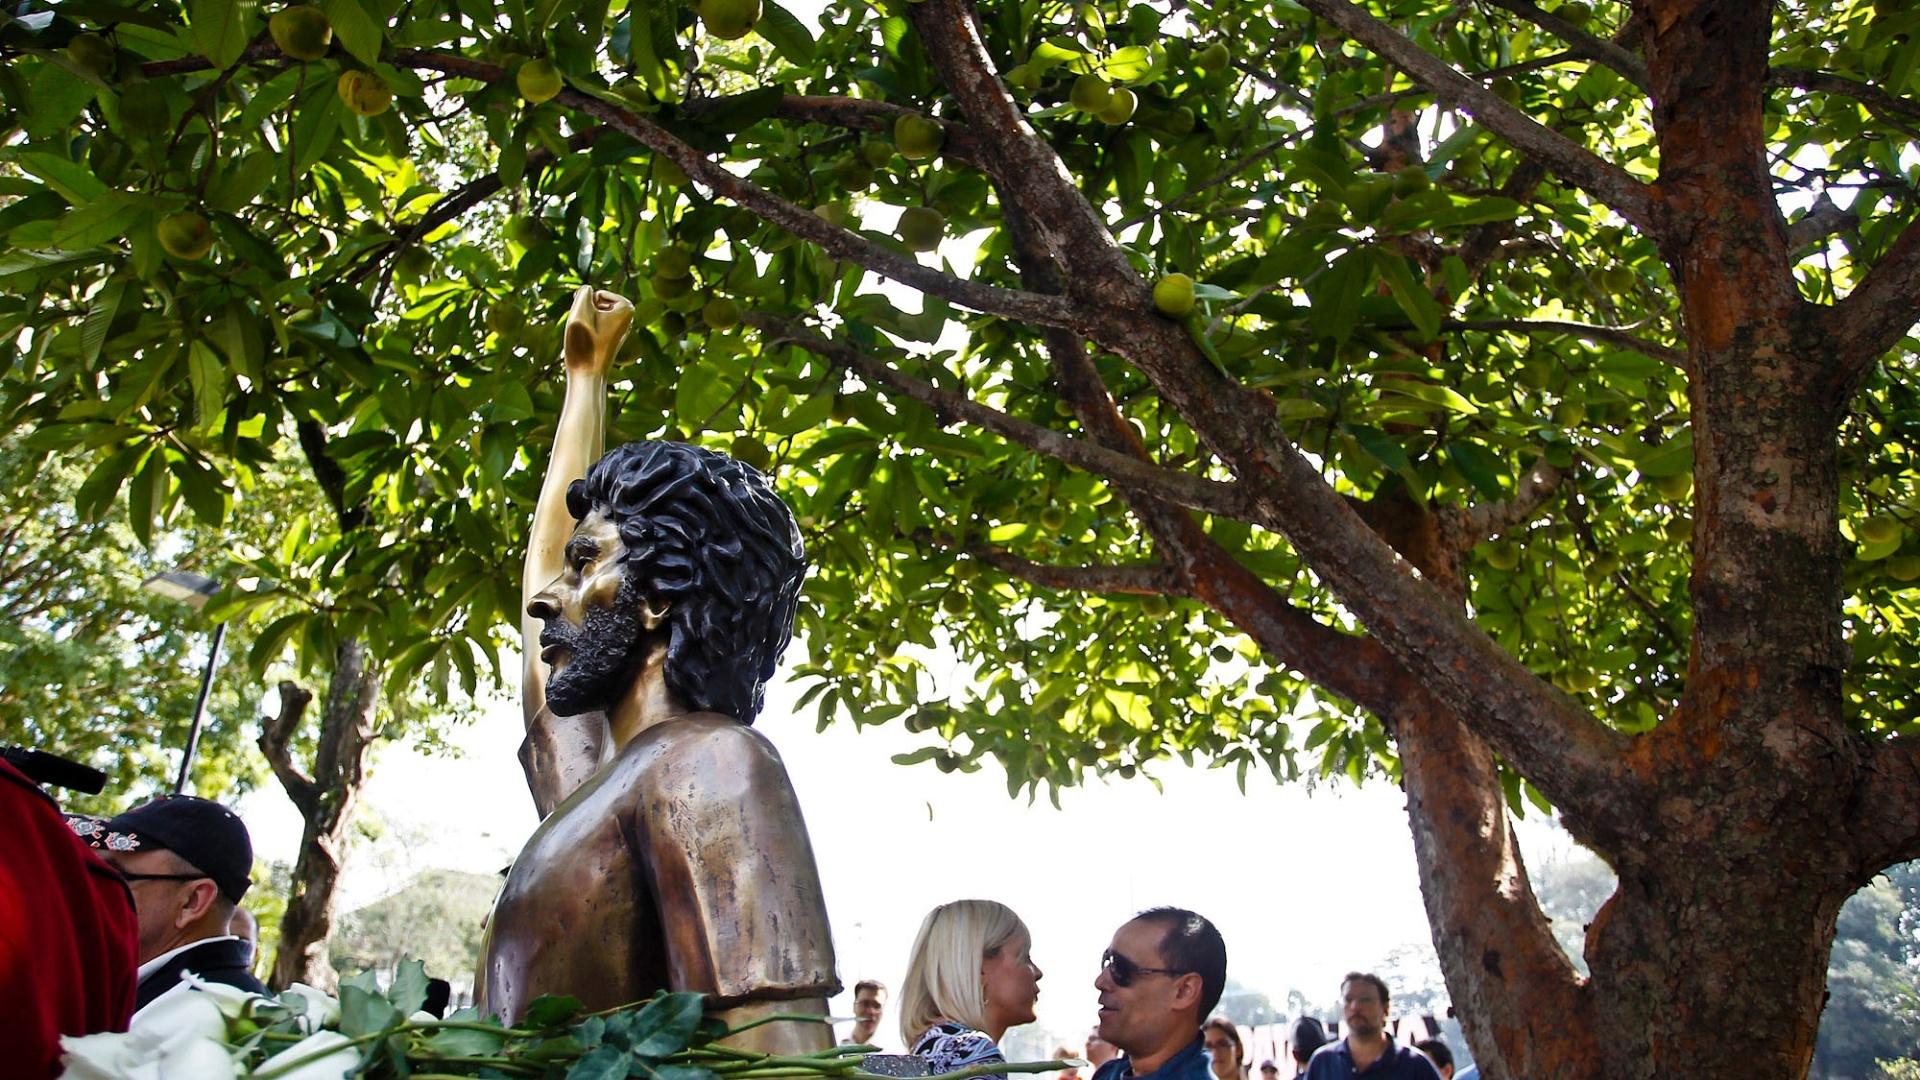 Busto também recebeu rosas brancas após sua inauguração no Parque São Jorge